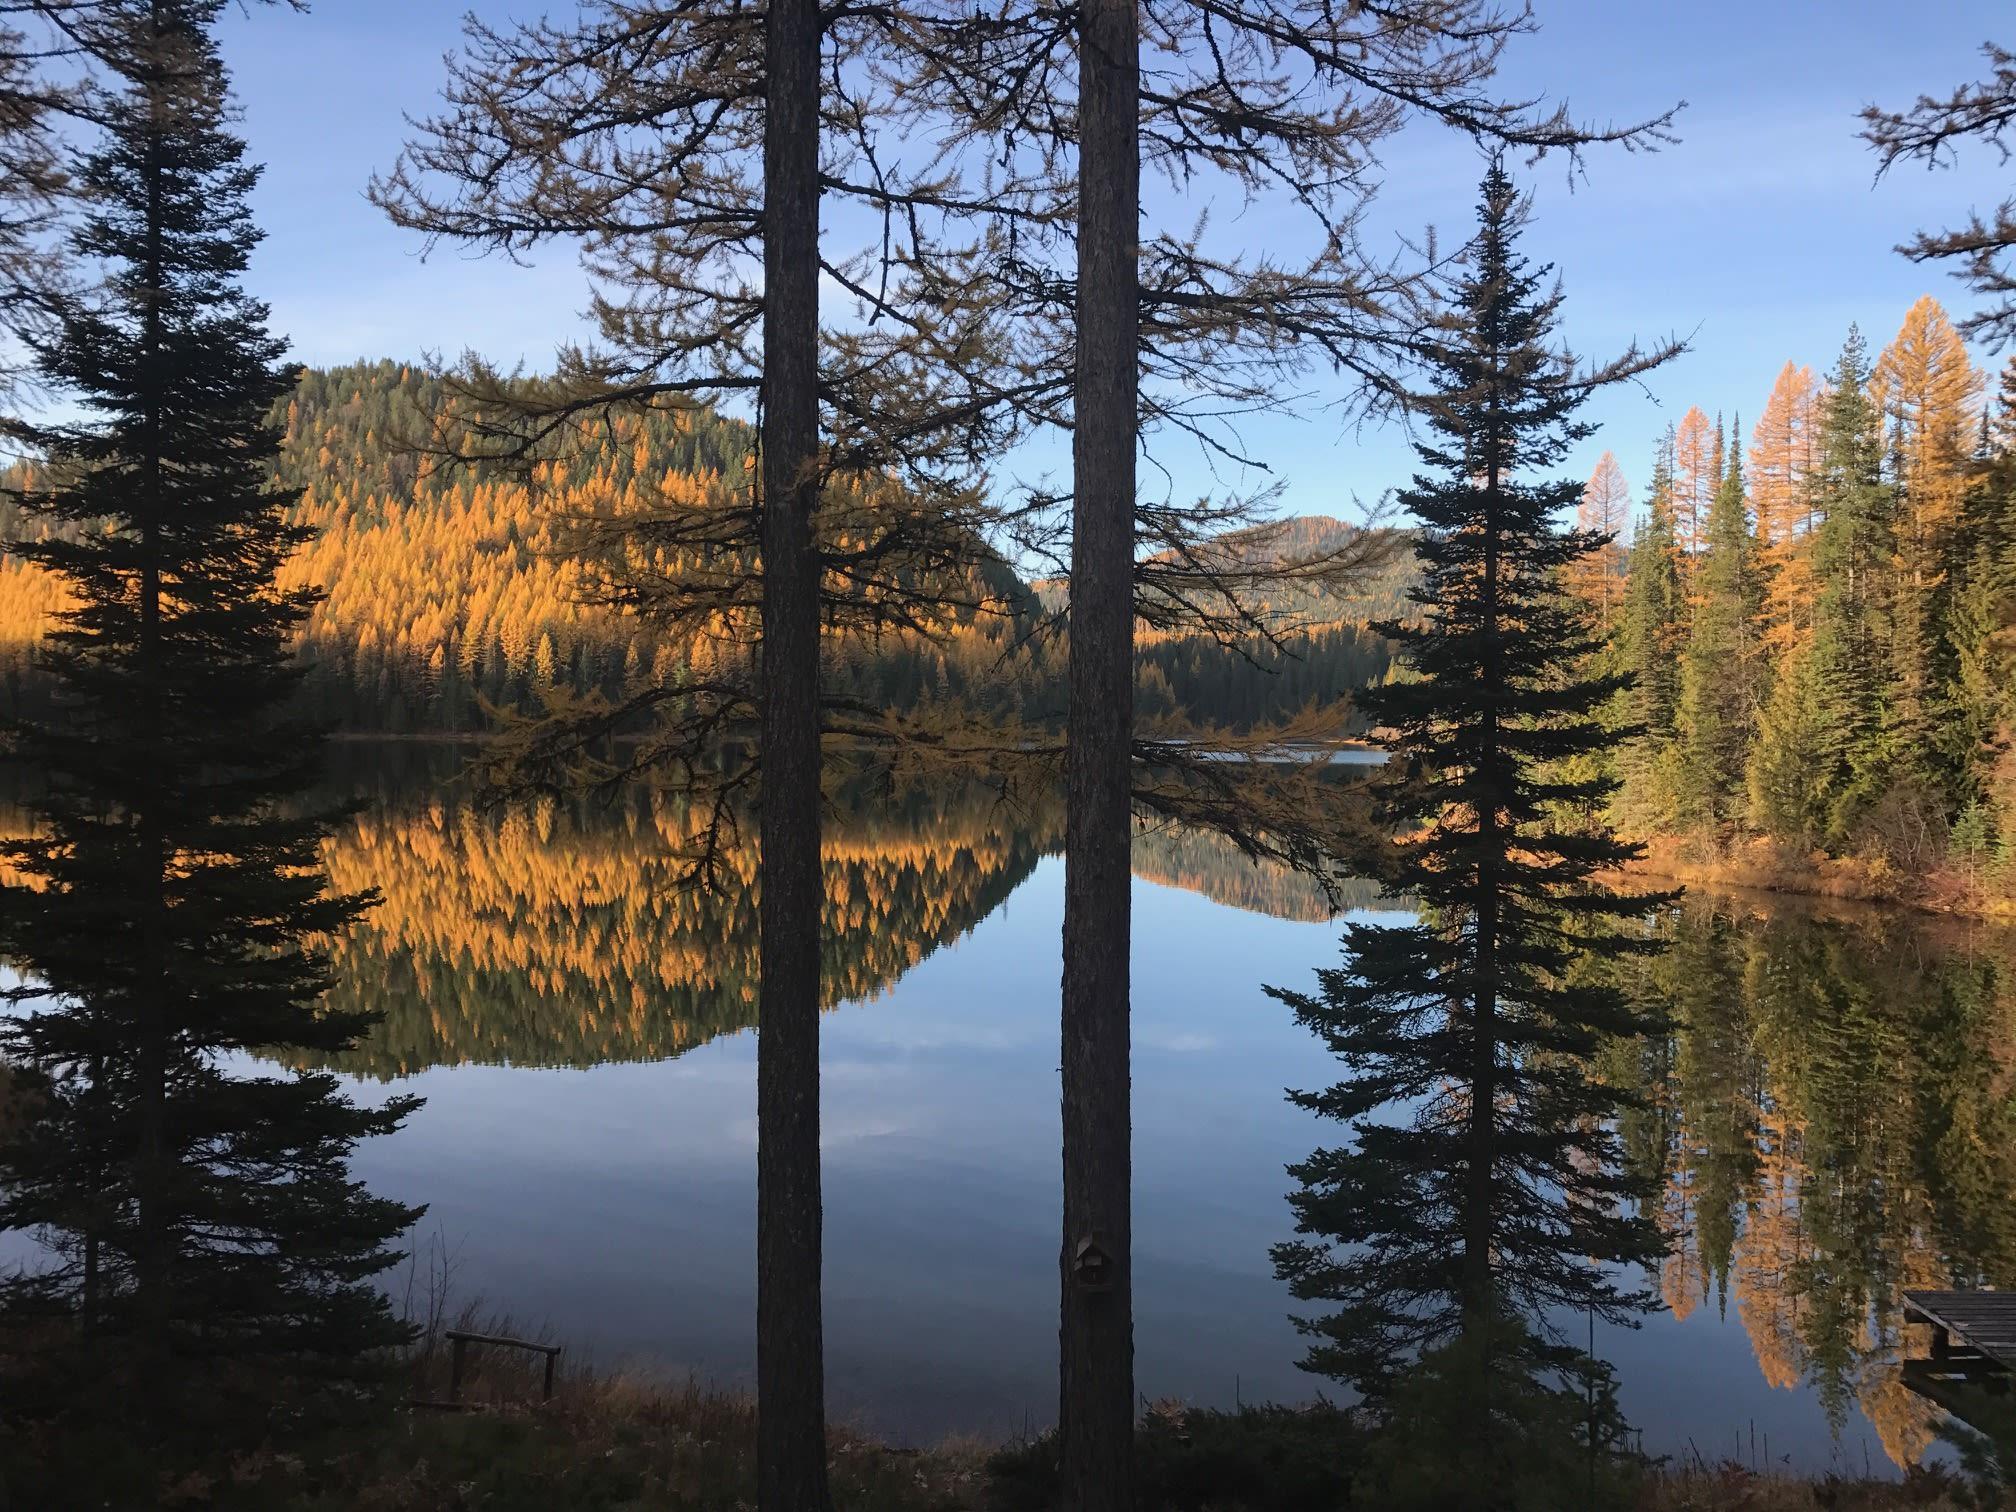 Spoon Lake is beautiful in the fall!